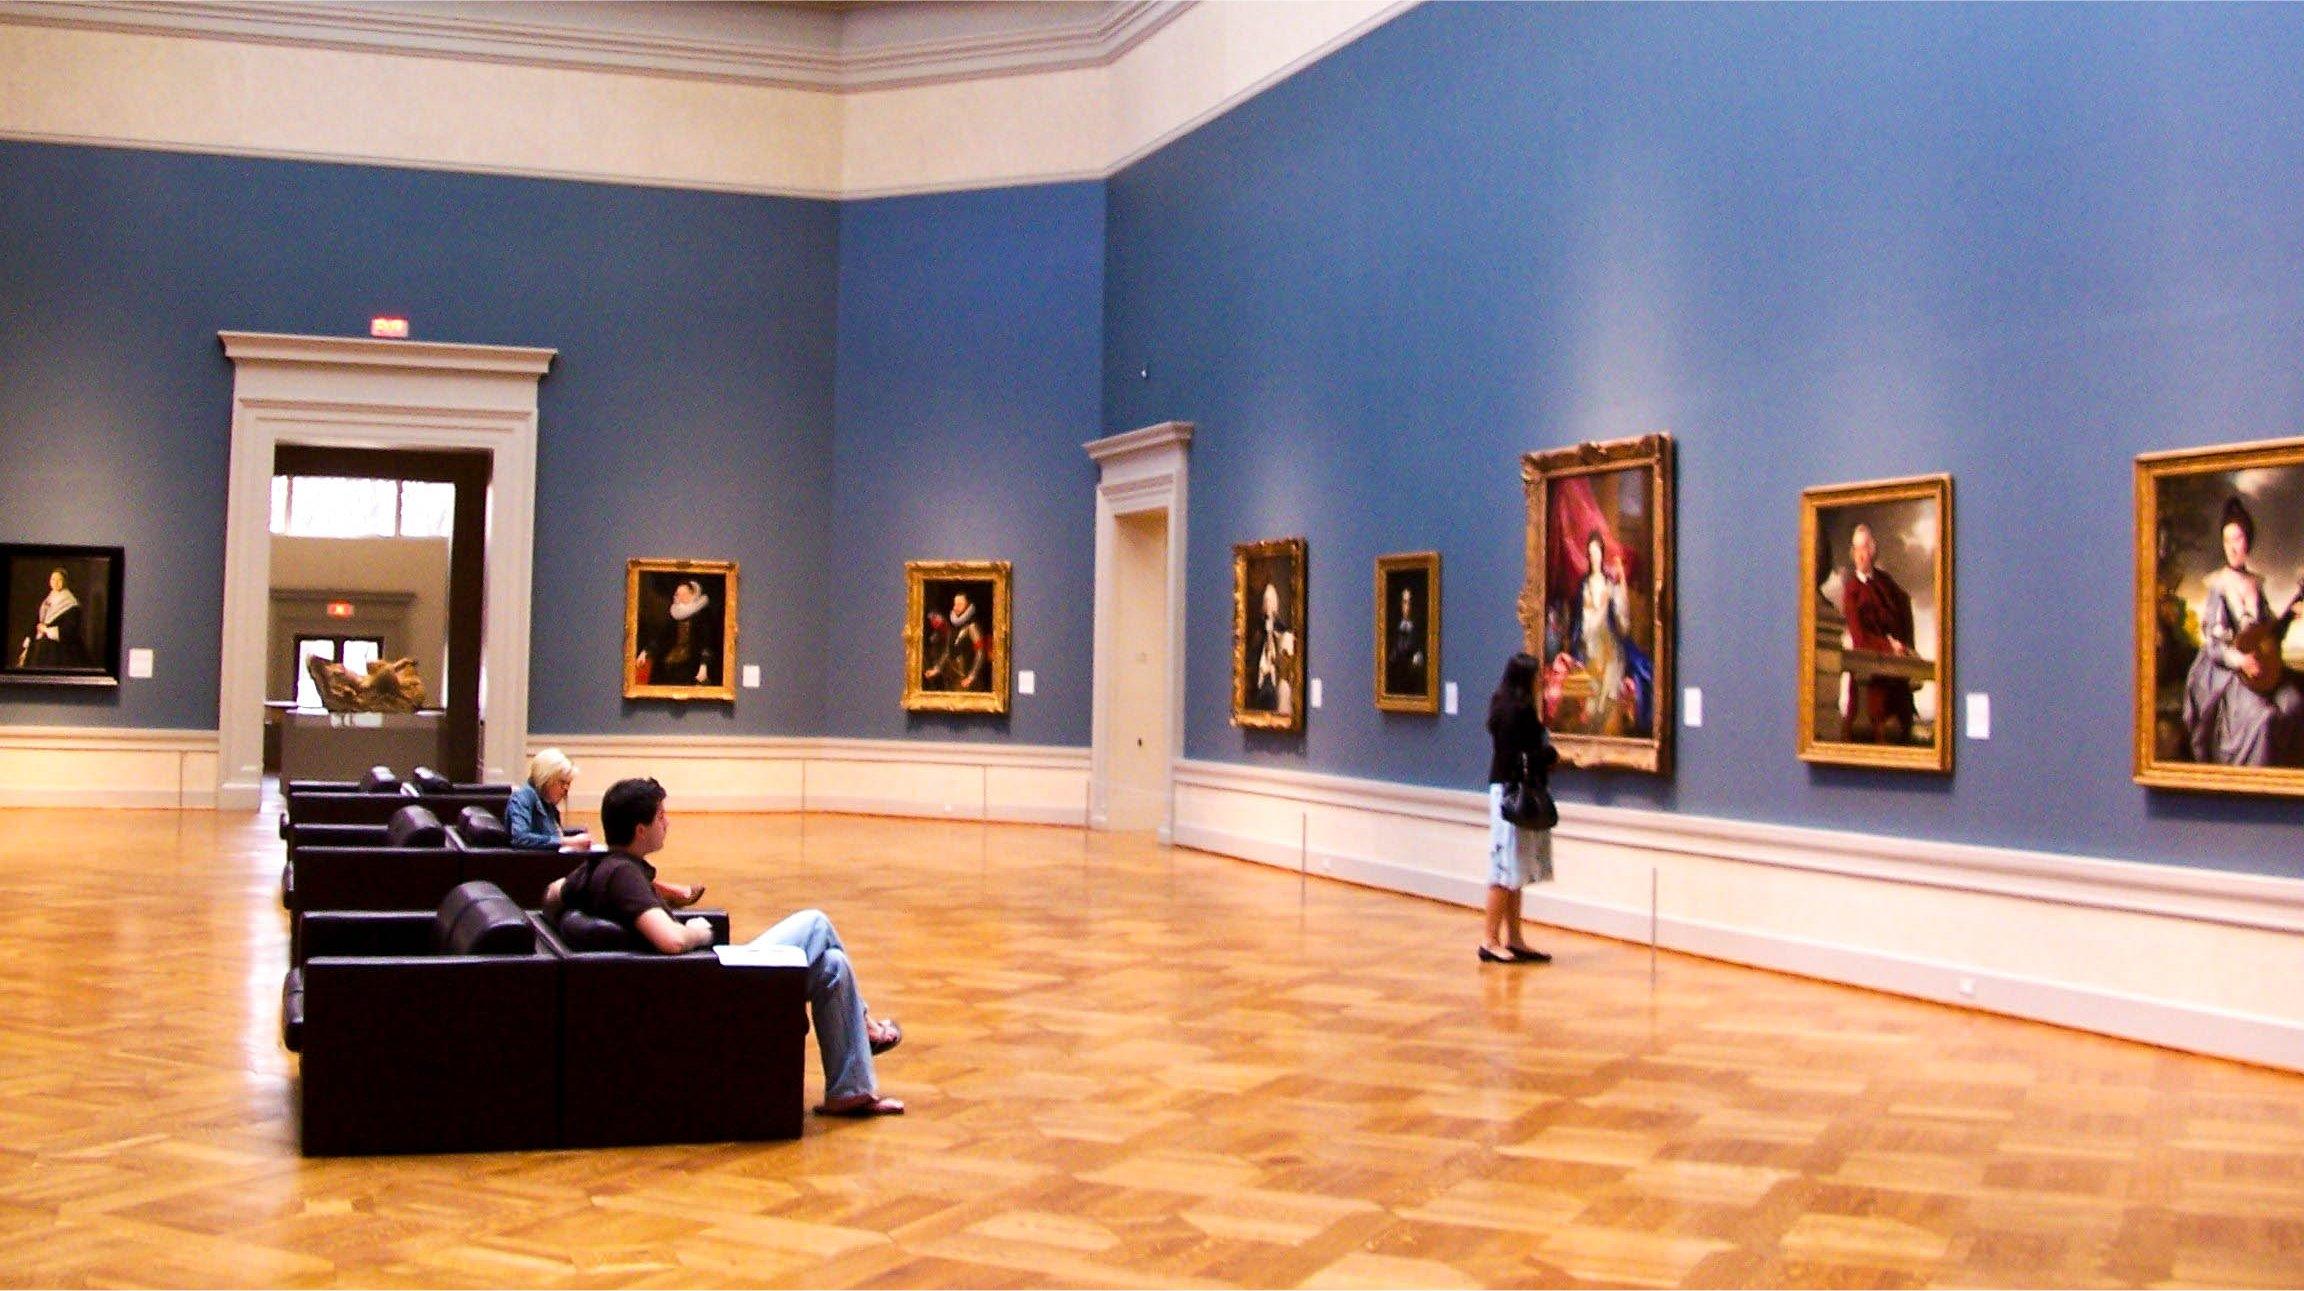 Saint Louis Art Museum St. Louis, Missouri